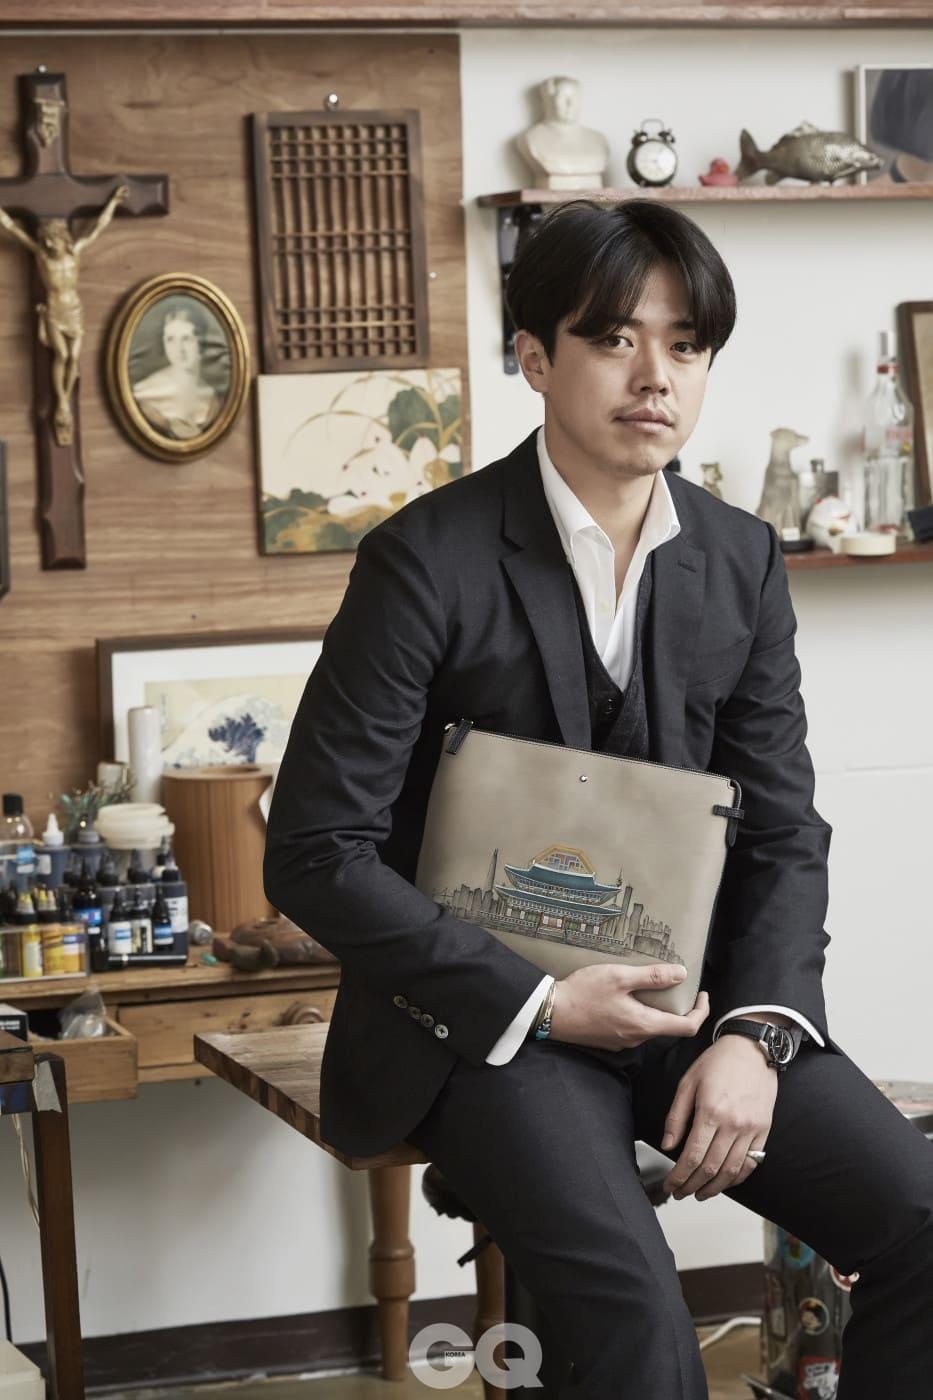 몽블랑의 에 한국 대표로 참여한 타투이스트 난도